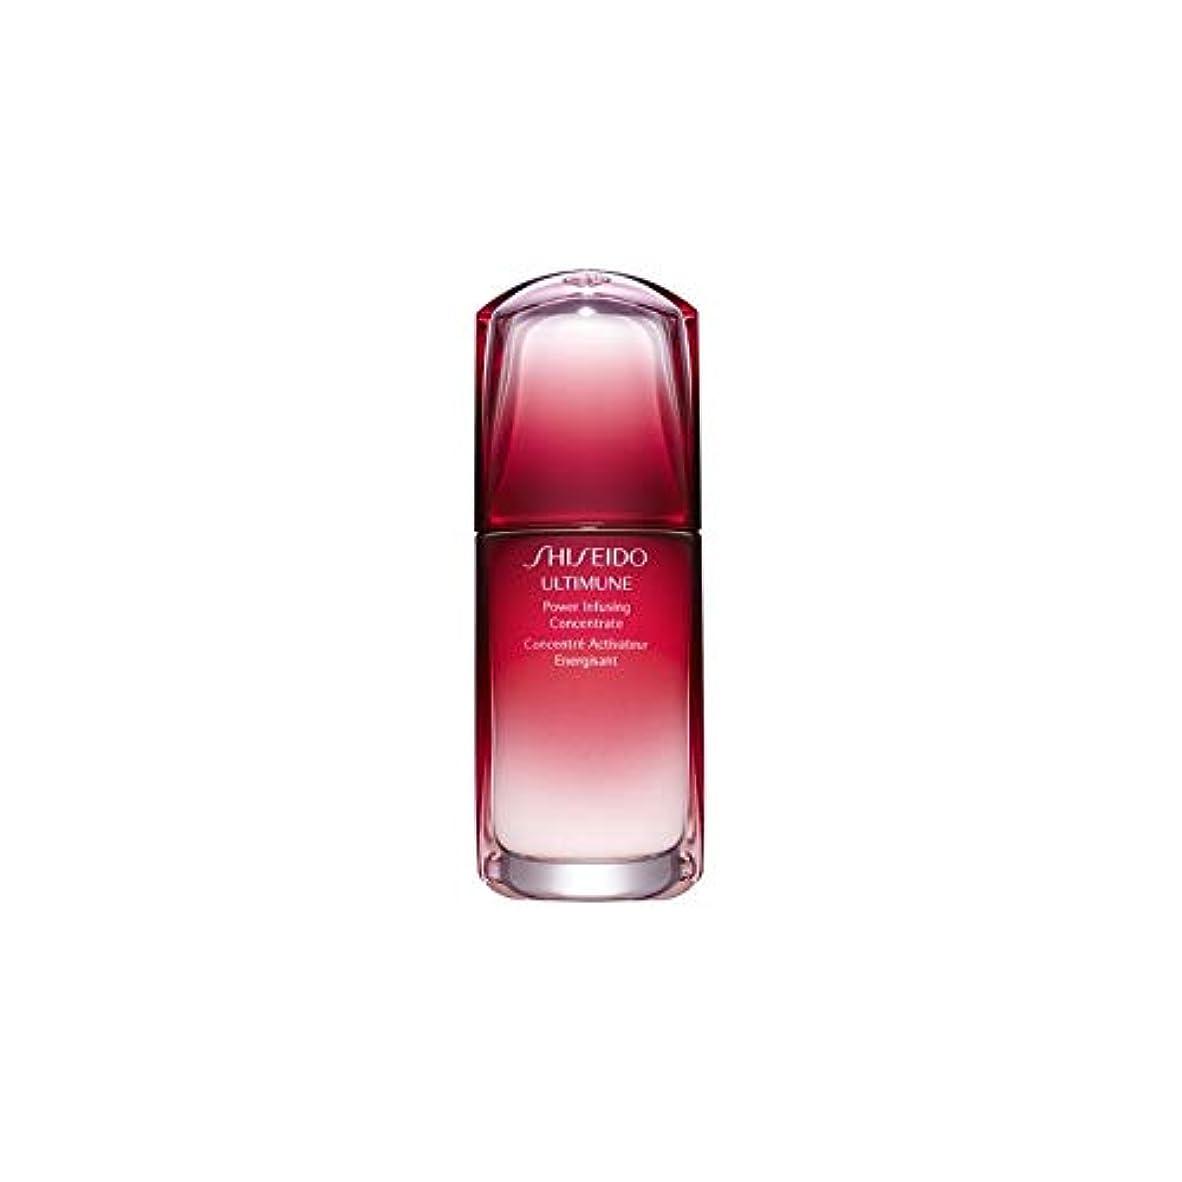 泣き叫ぶ感じる喉が渇いた[Shiseido ] 濃縮液を注入資生堂Ultimune電力(50ミリリットル) - Shiseido Ultimune Power Infusing Concentrate (50ml) [並行輸入品]